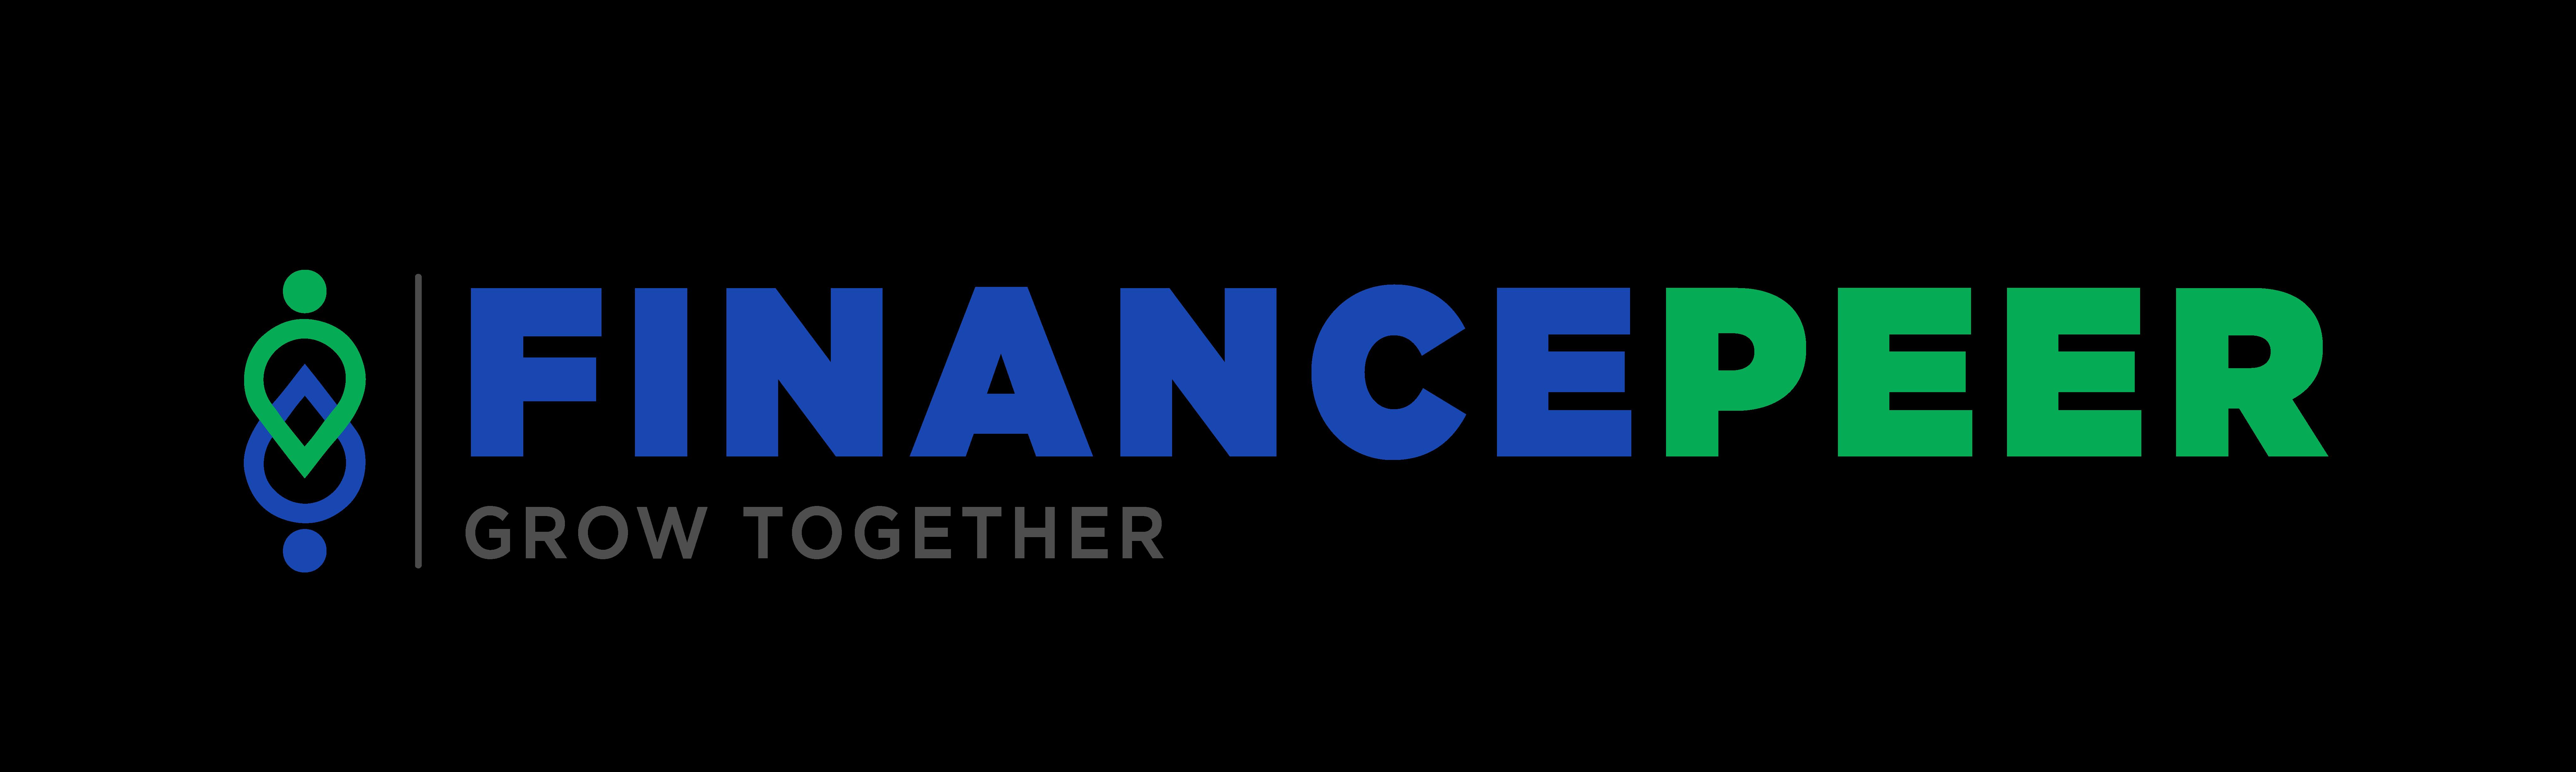 Financepeer Image